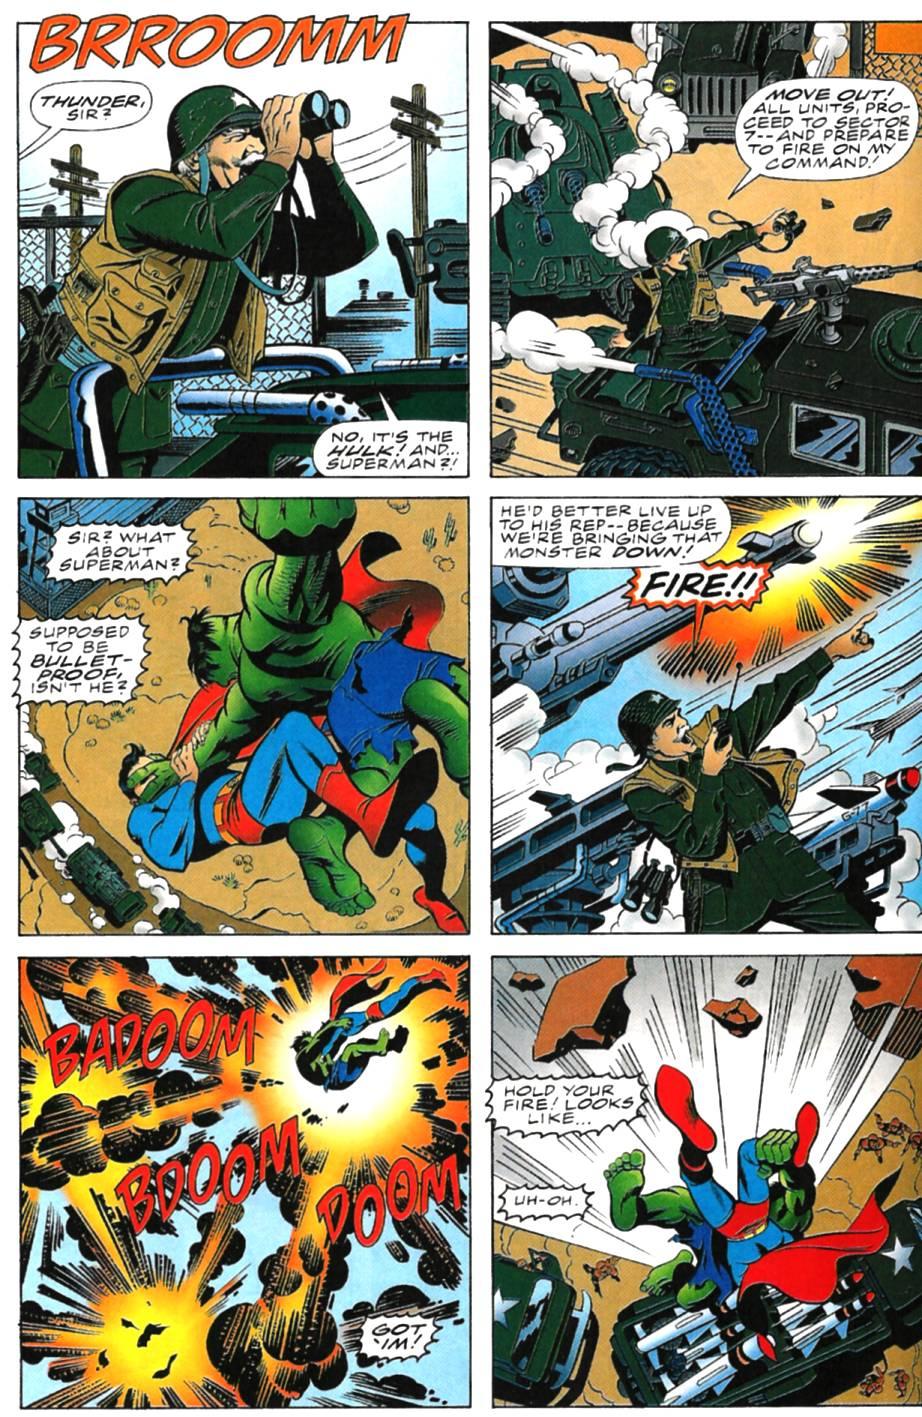 Incredible Hulk vs Superman Full | Viewcomic reading comics online for free 2019